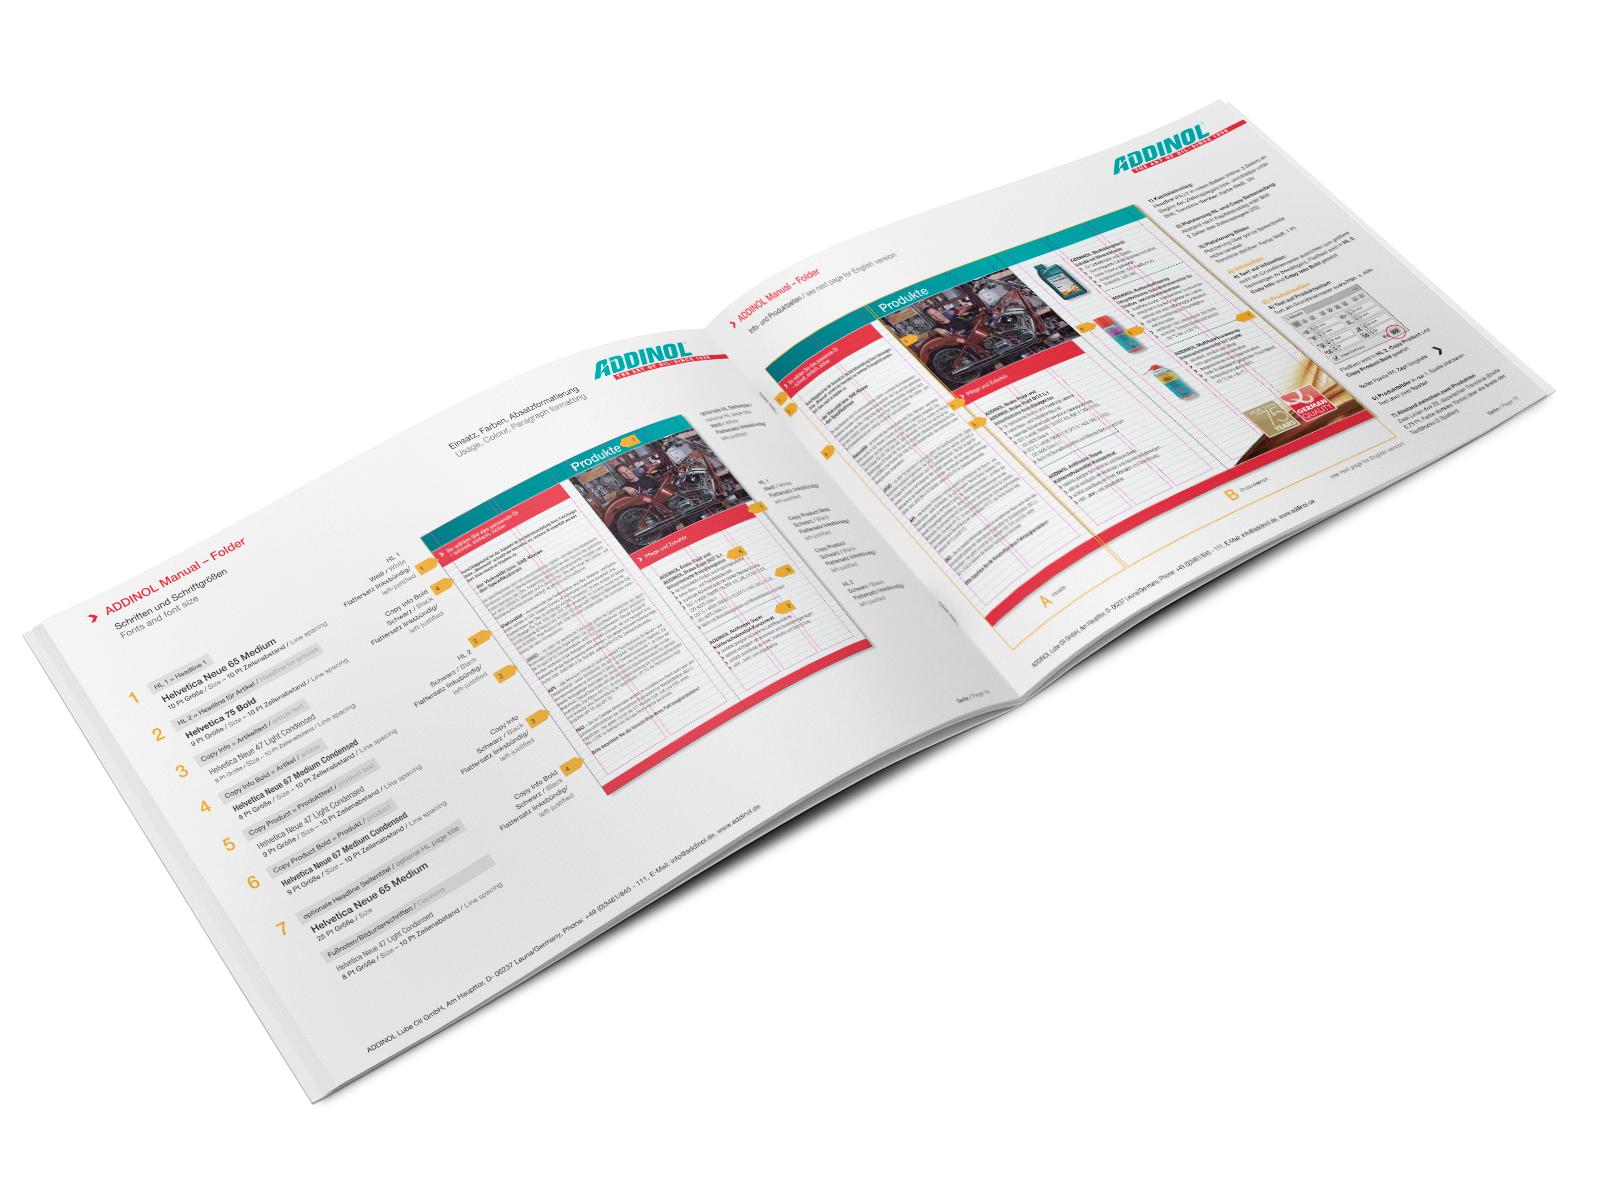 ergebnisse5_broschuere-manuel-add.jpg